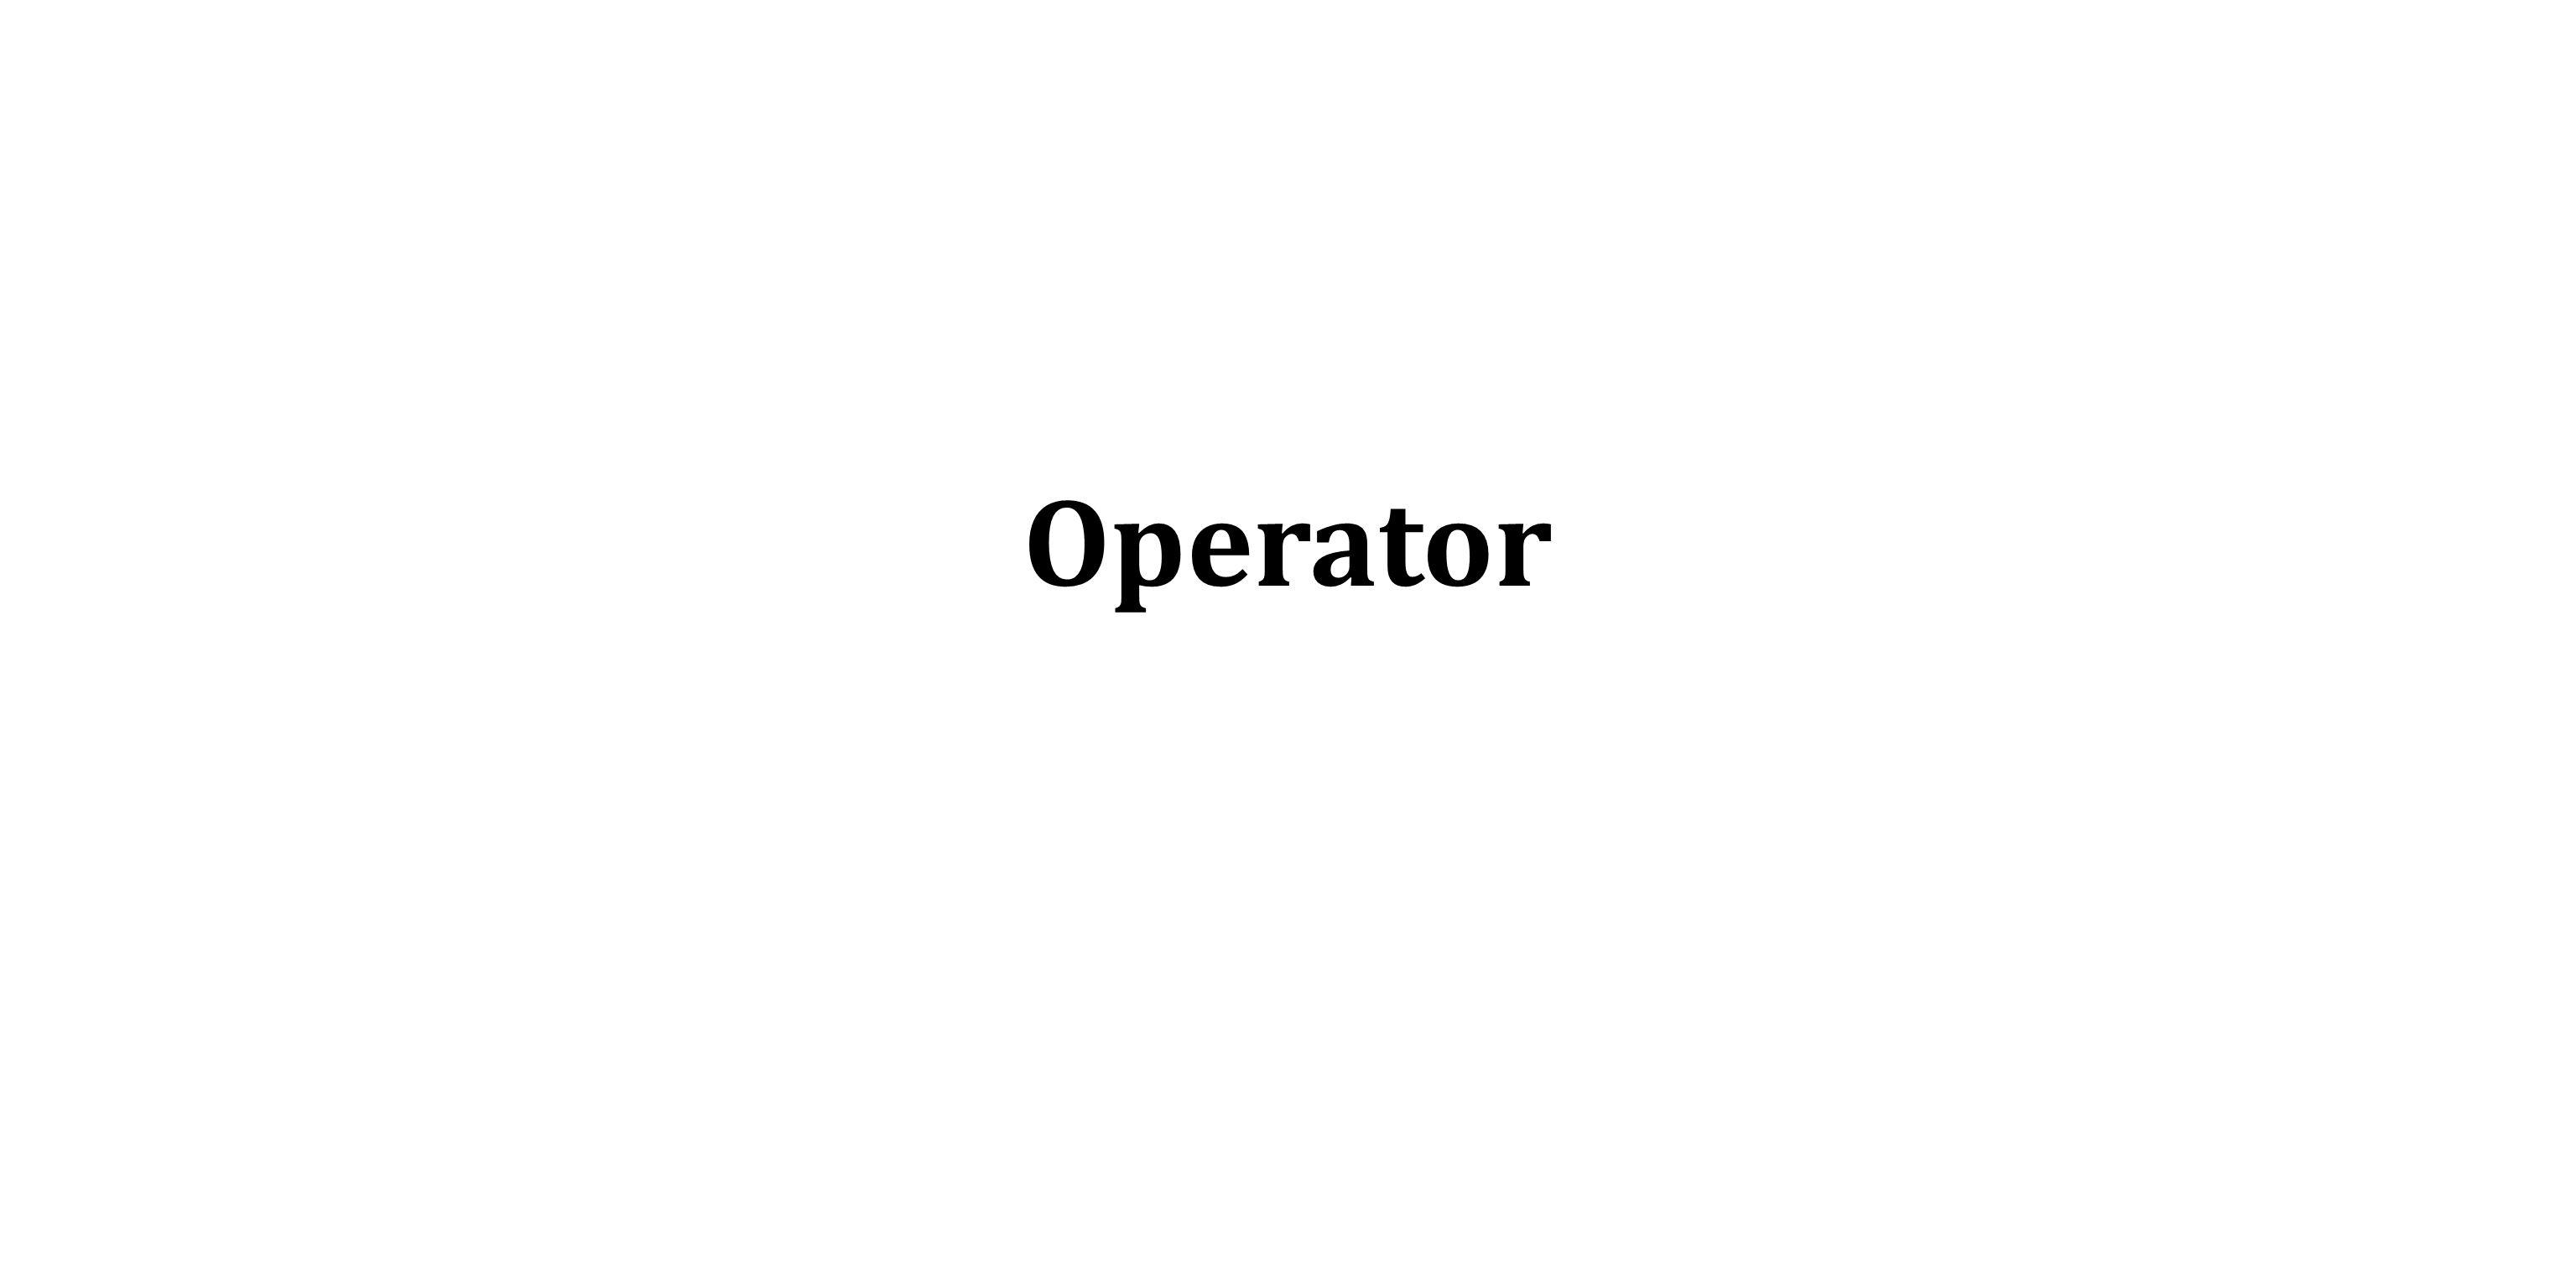 Pengenalan Operator Letak operators pada aplikasi : Operator adalah script yang berfungsi untuk memberikan pernyataan atau perhitungan untuk sebuah script dalam sebuah project pada Stage.